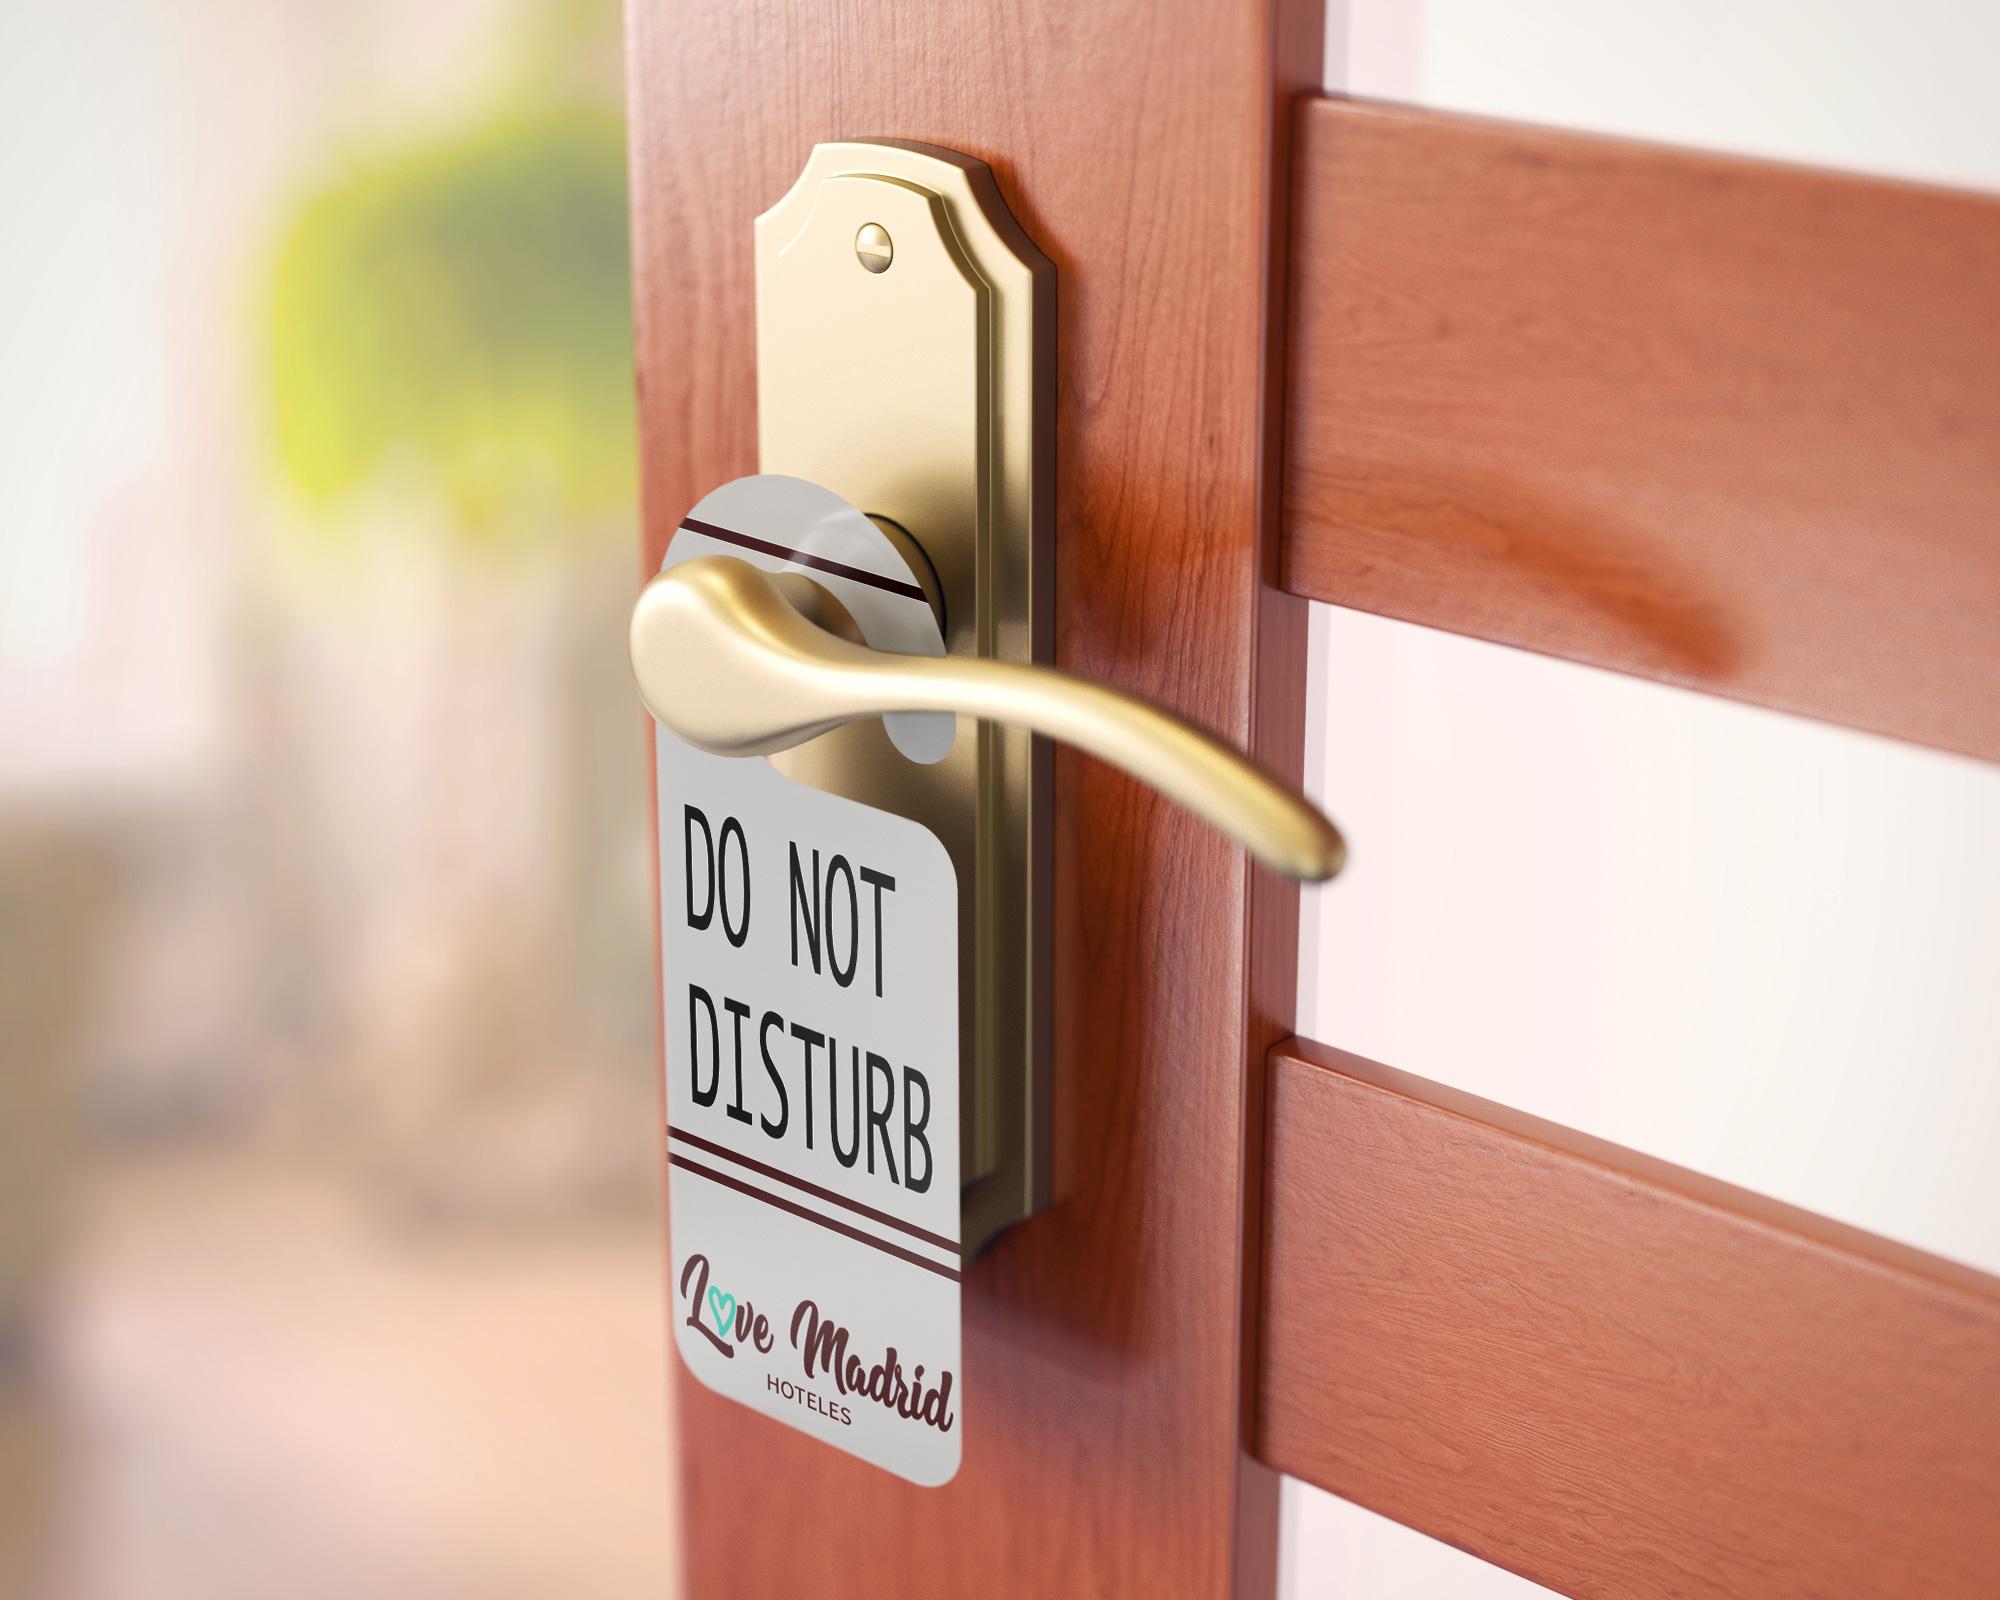 Estudio Creativo, diseño gráfico, Branding, Web, Diseño Logotipo, tarjetas de visita, colgador puerta, Hoteles, Madrid, Love, 8 Purple.